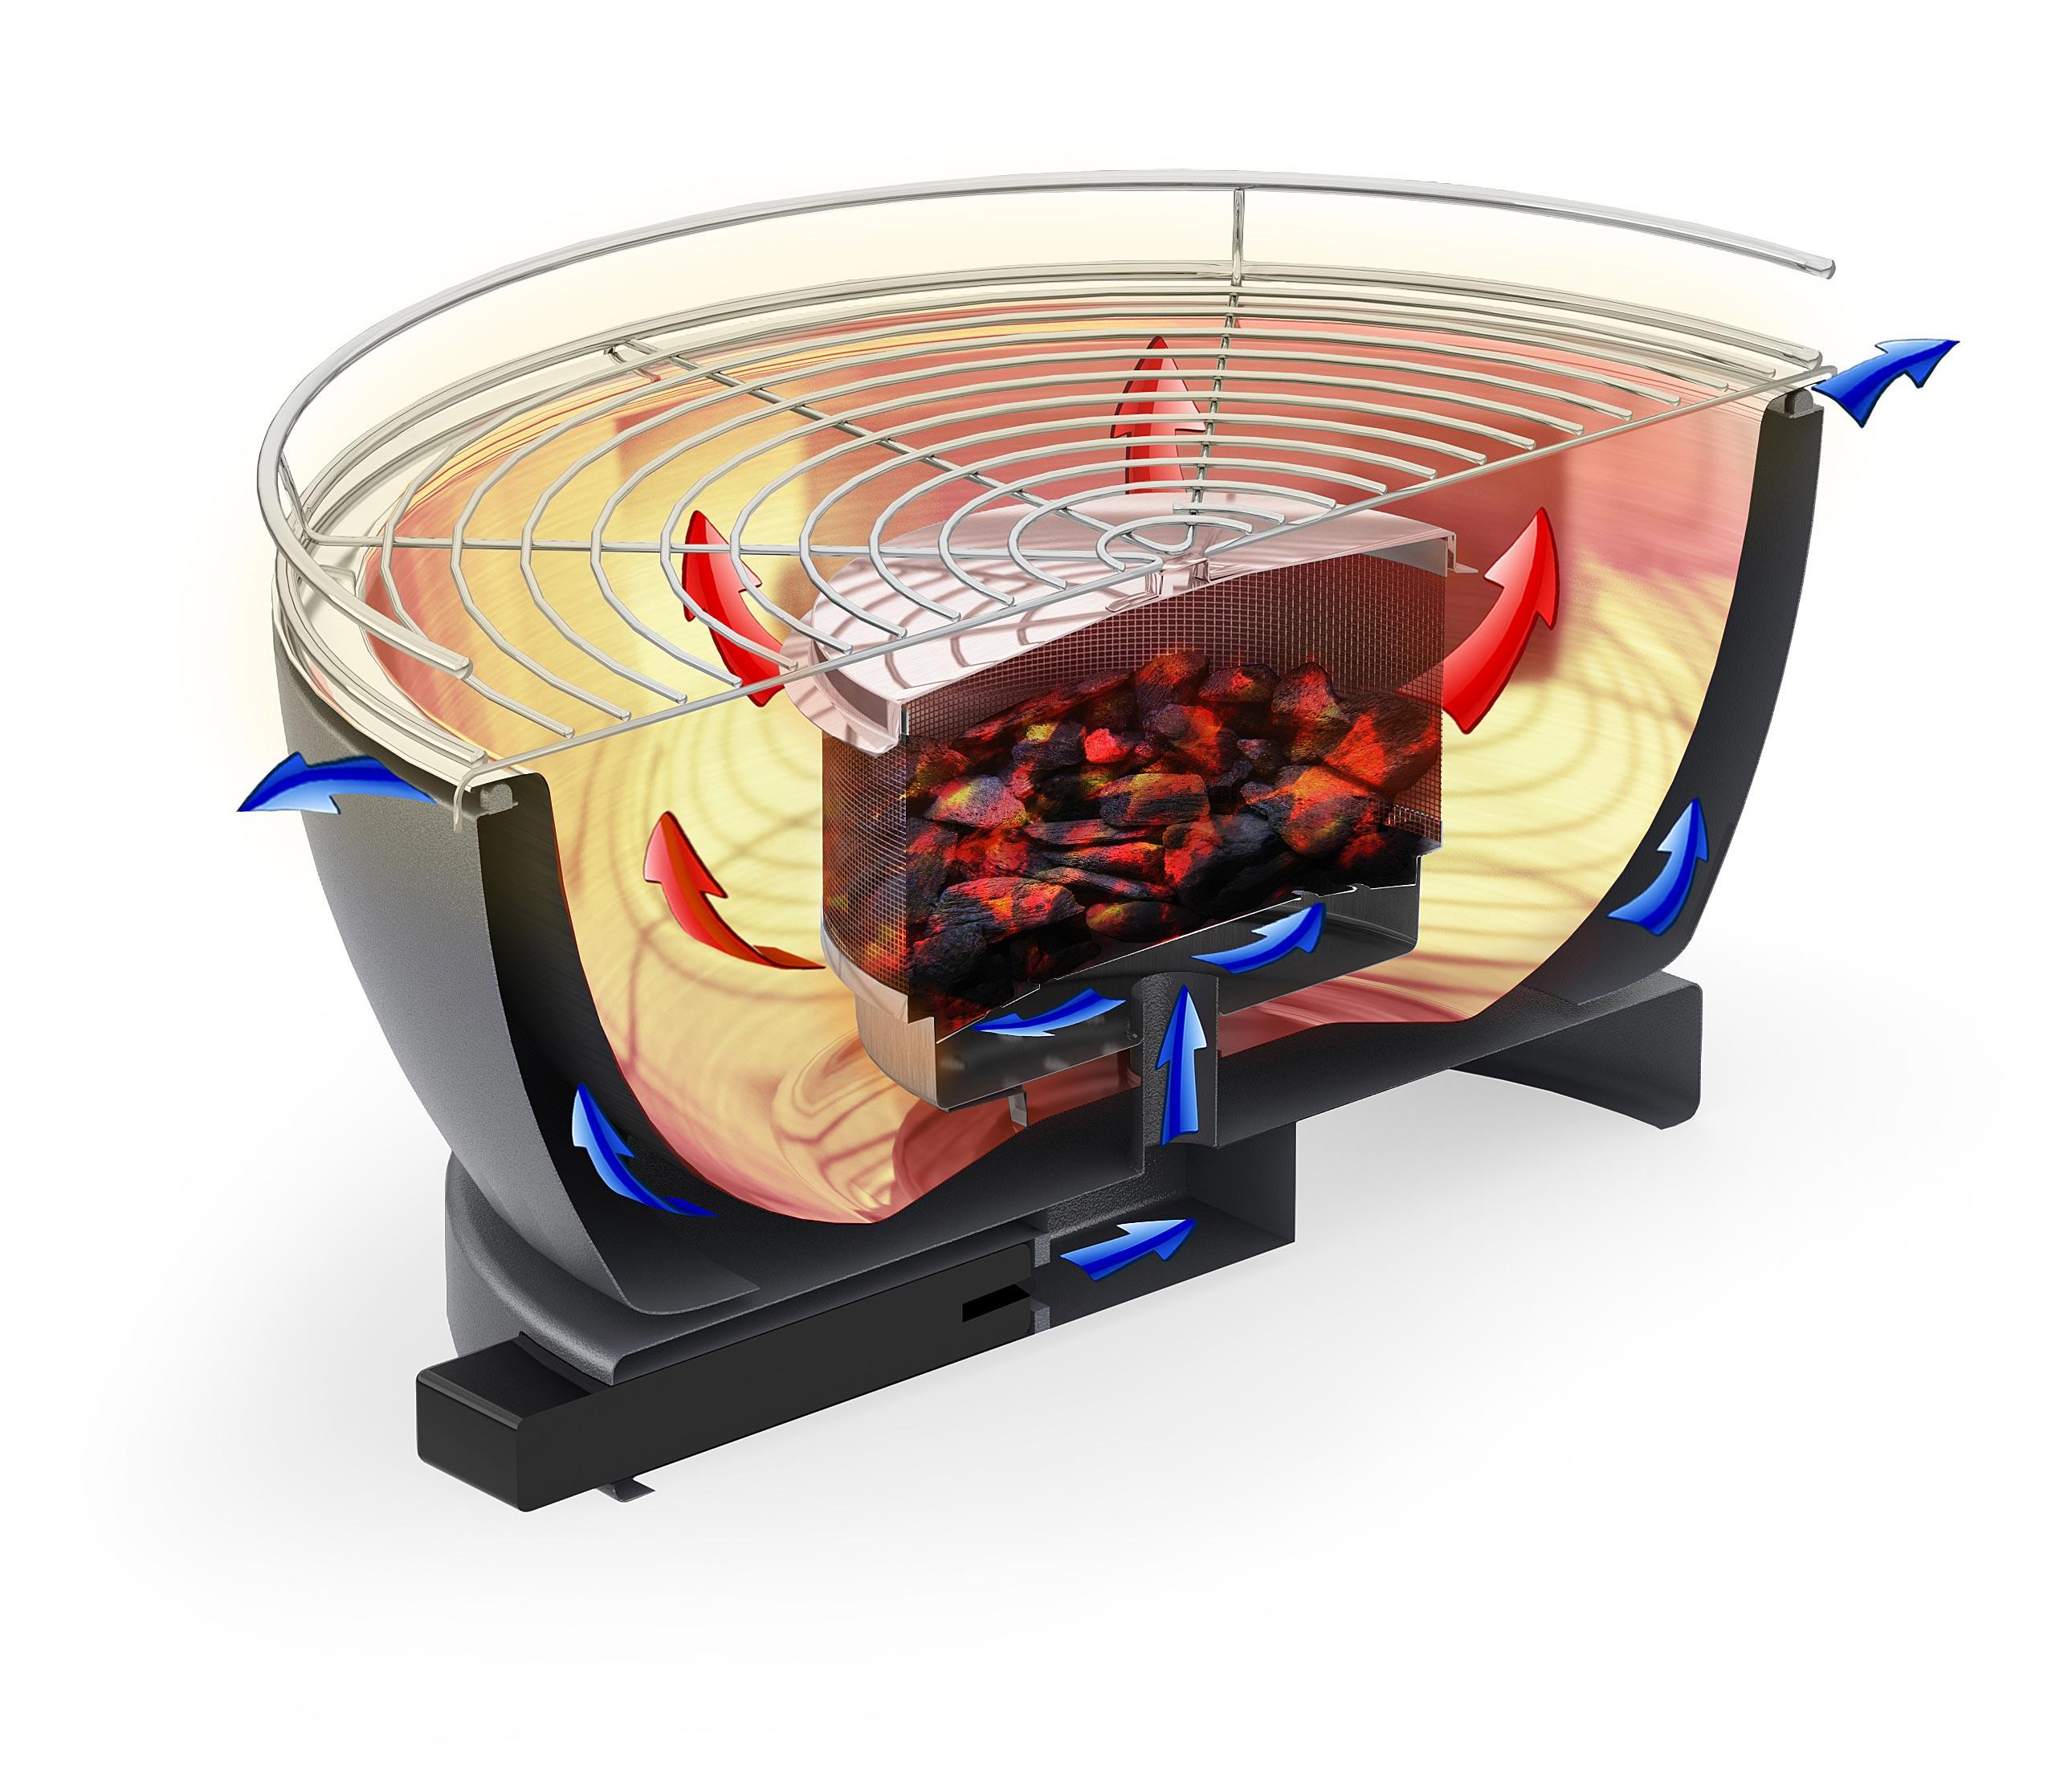 Rauchfreier Grill Feuerdesign Teide 34x34cm rot Bild 4